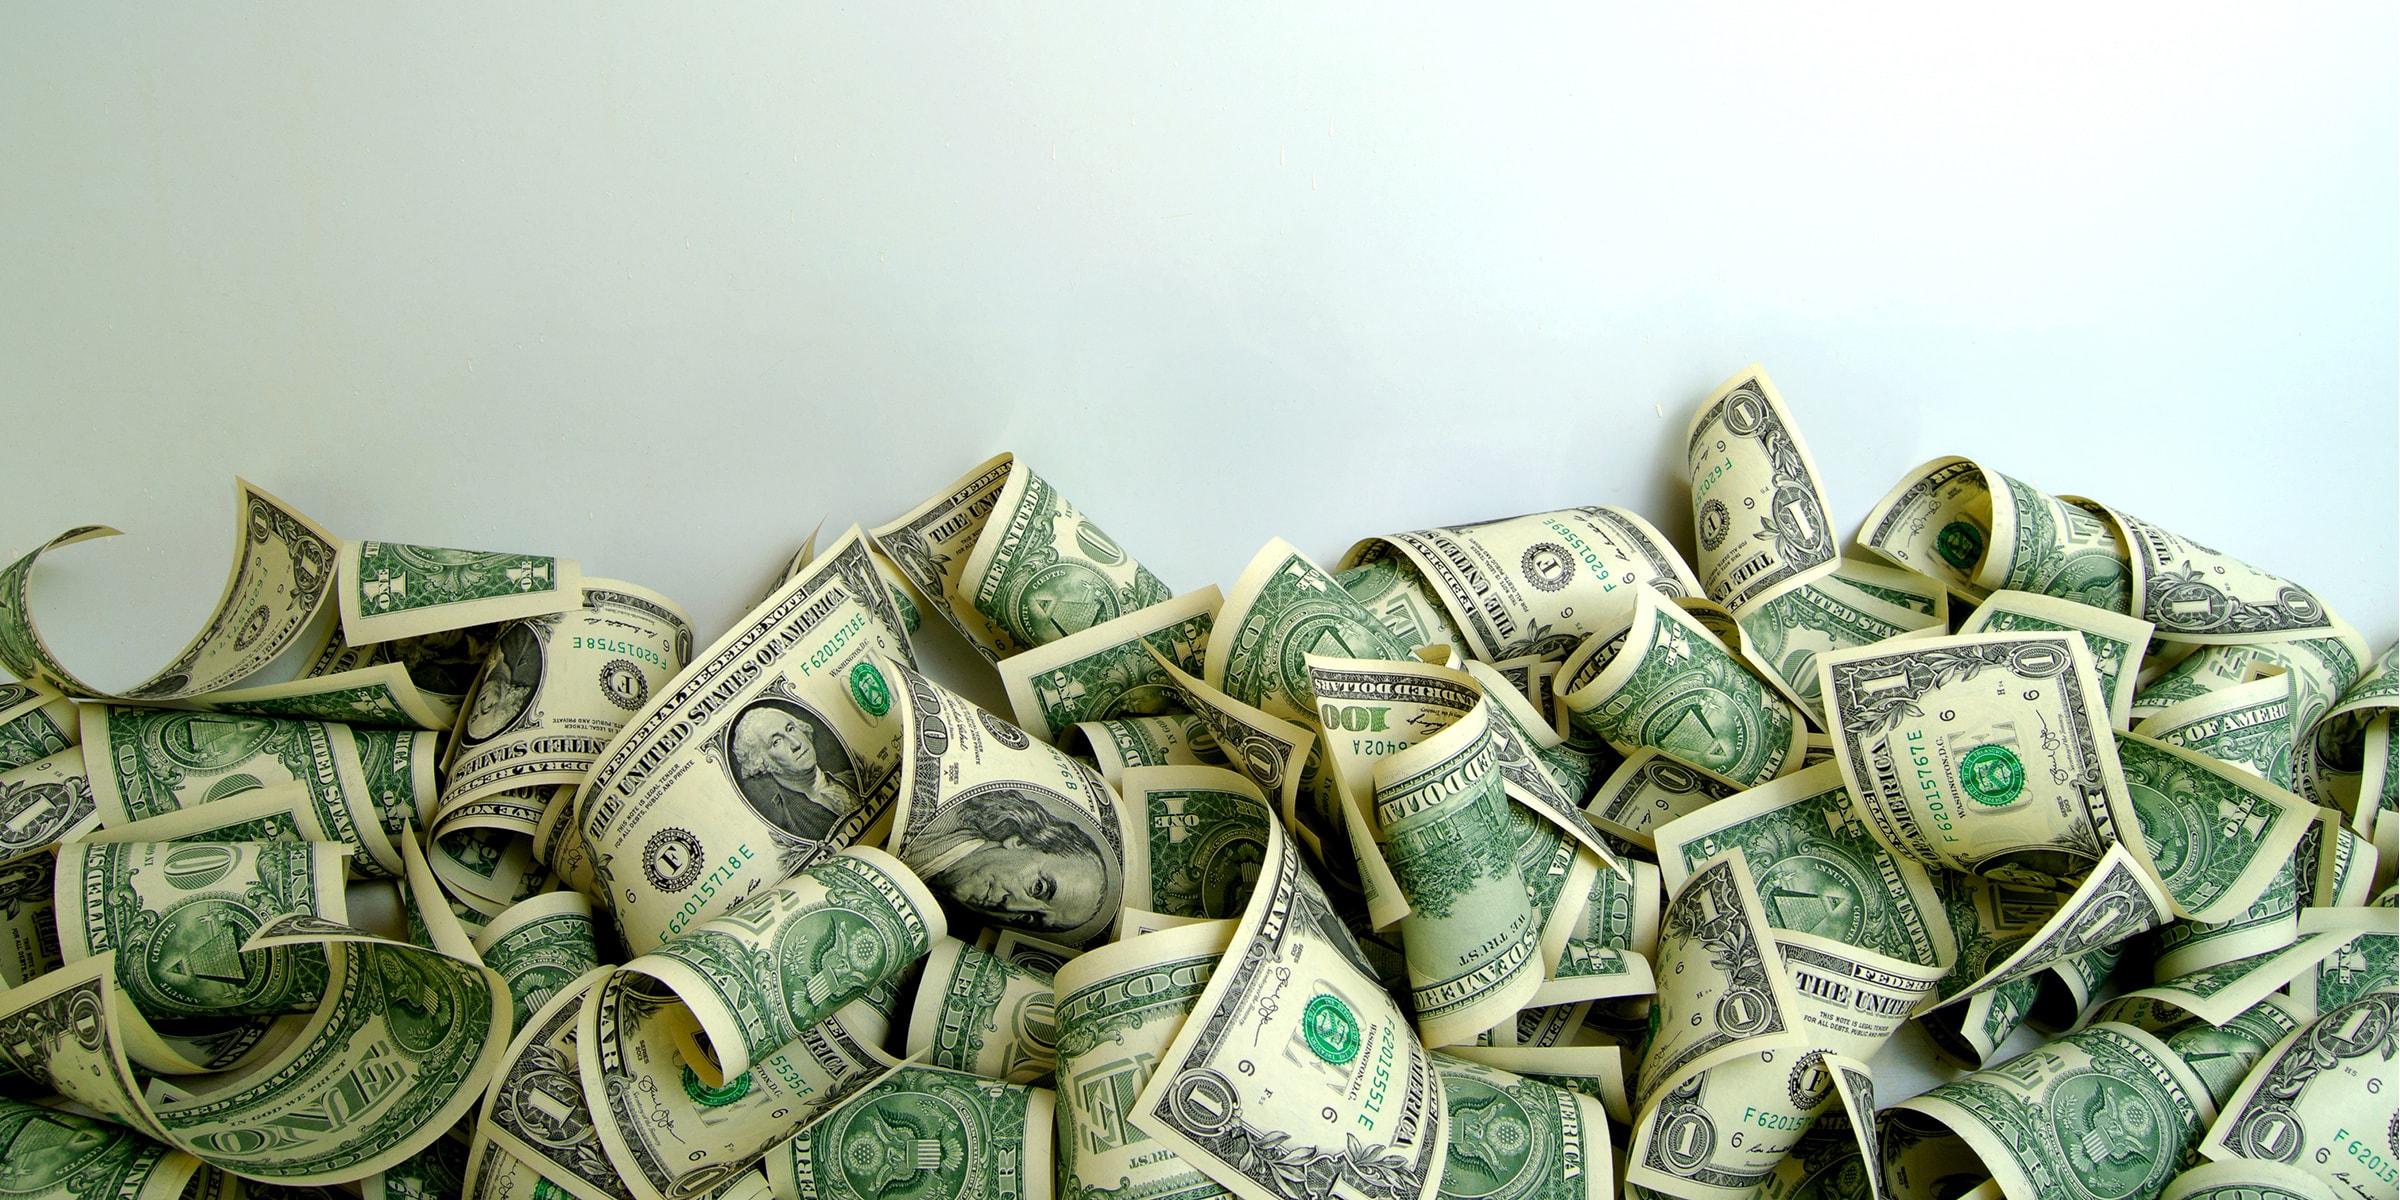 $525 Cash Advance Online